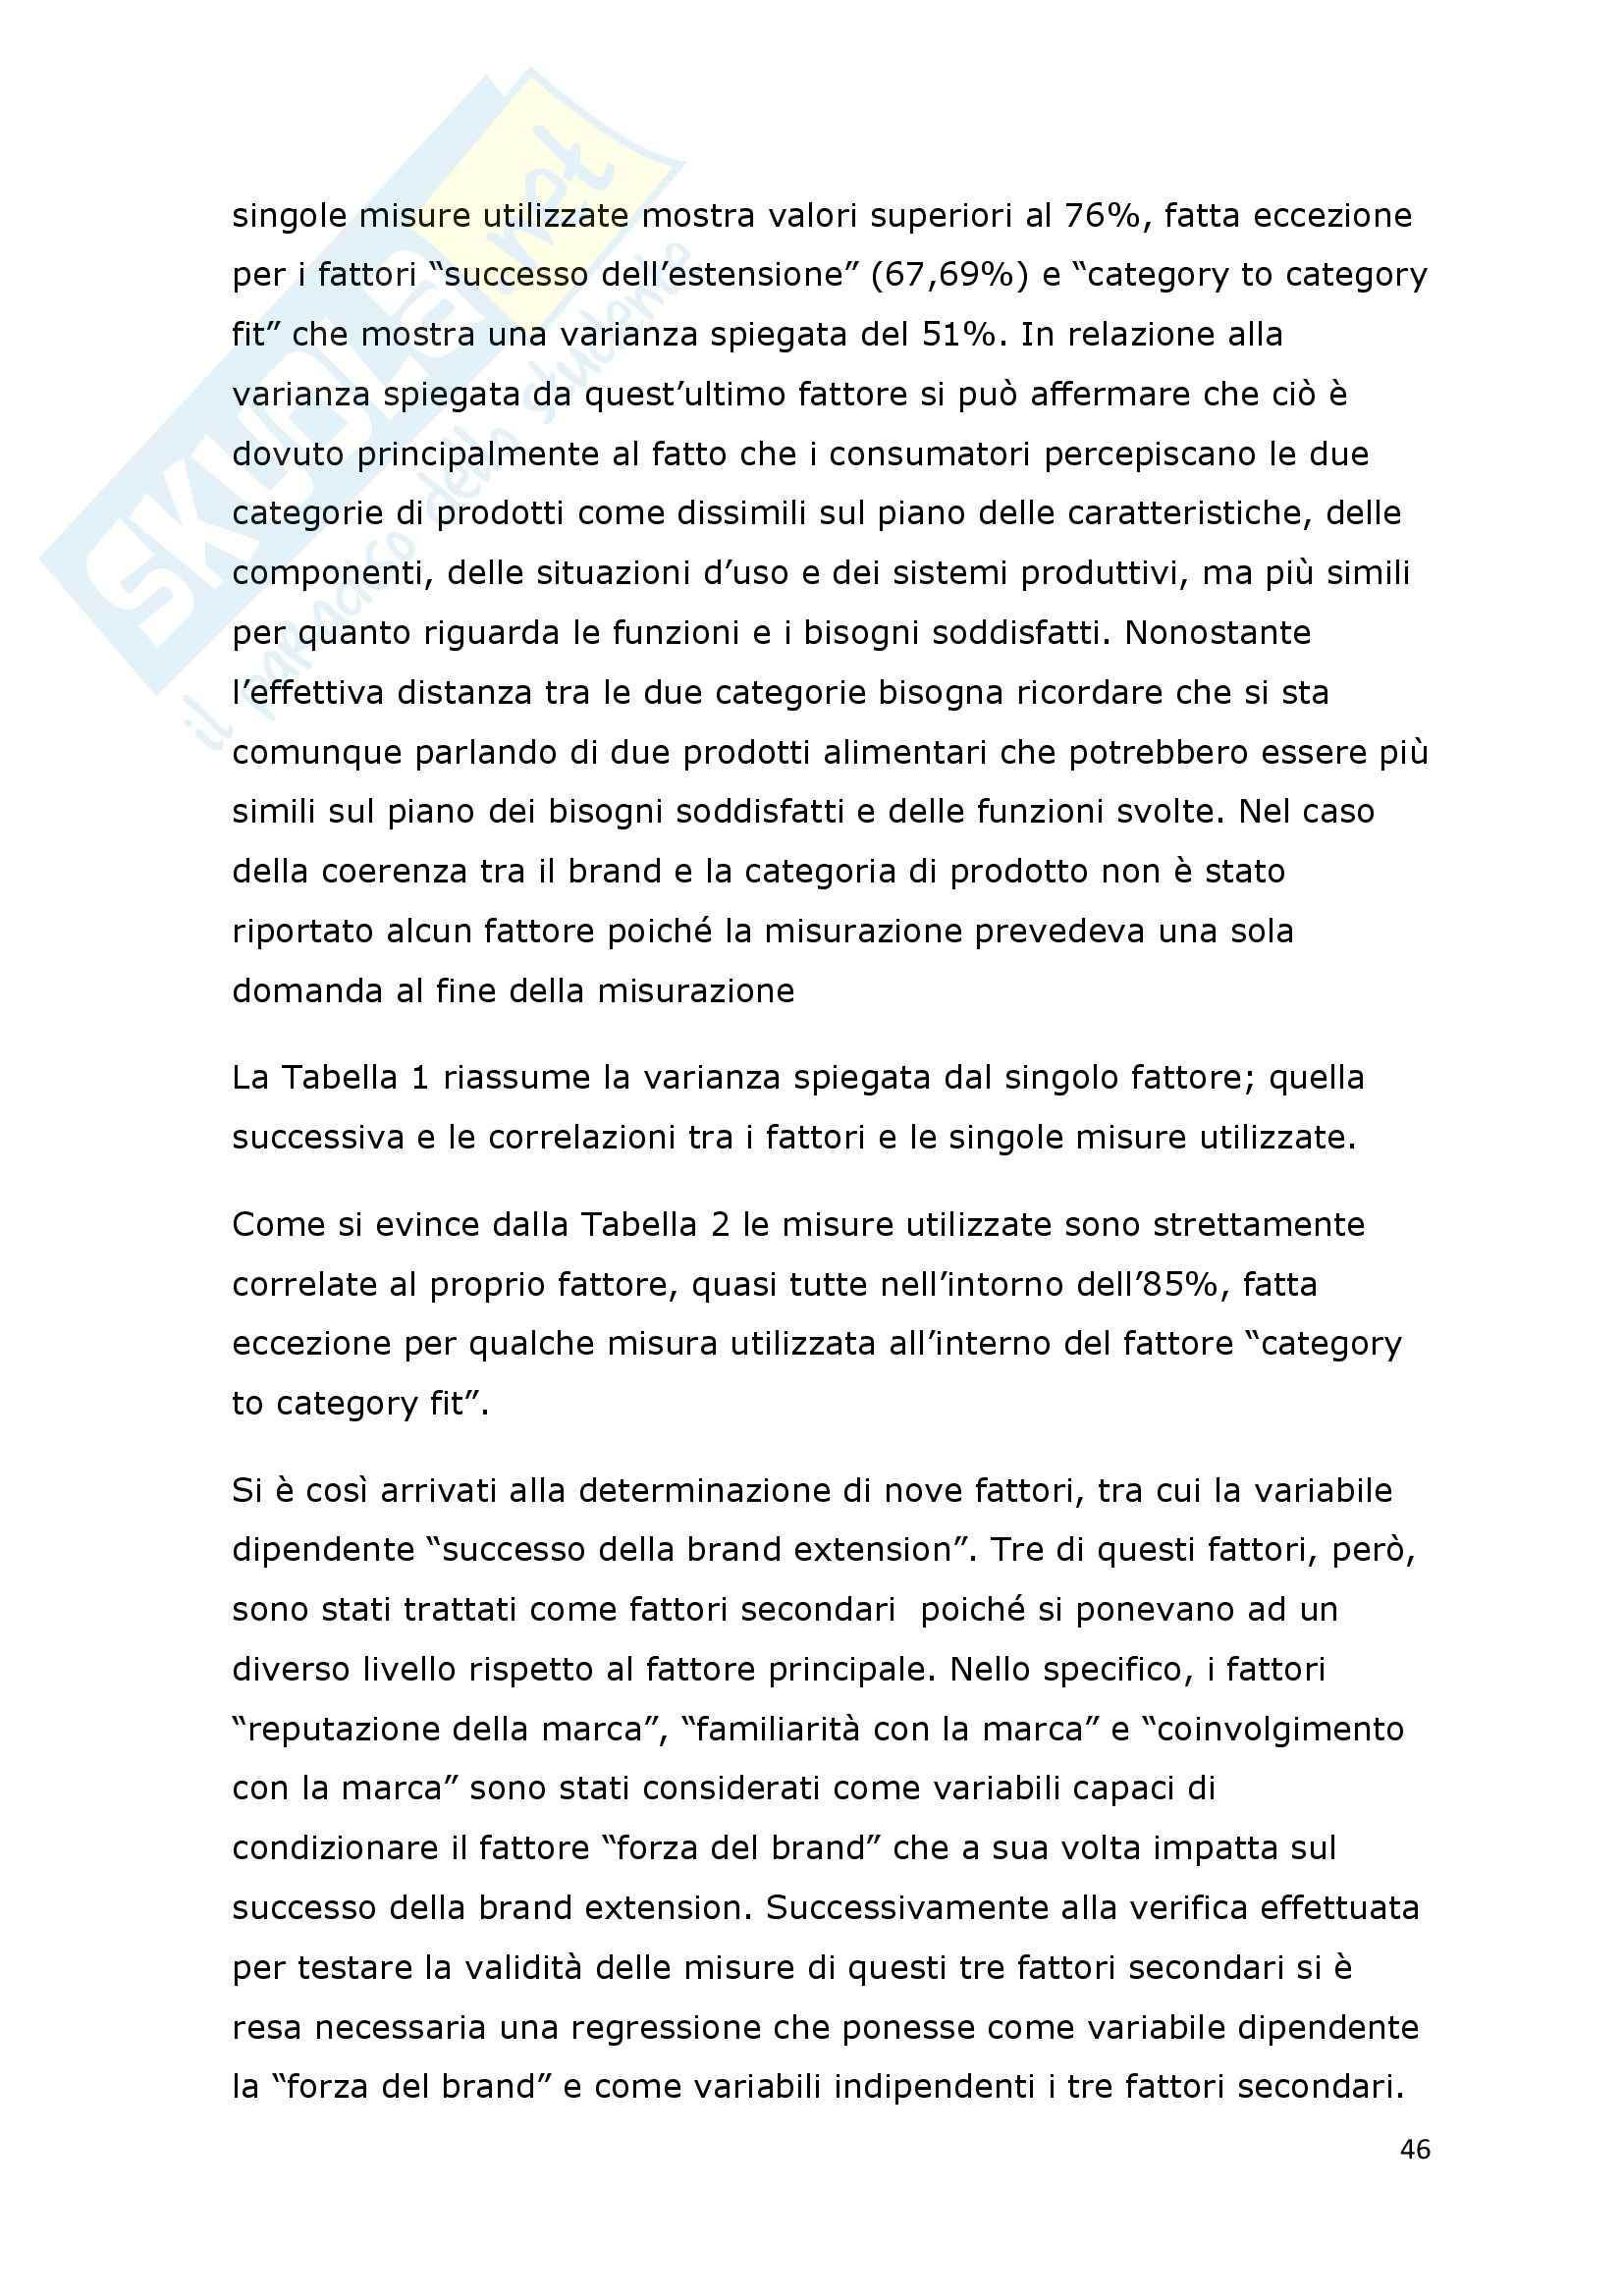 Tesi - I fattori di successo della brand extension: il ruolo del brand to category fit – il caso Callipo Pag. 46